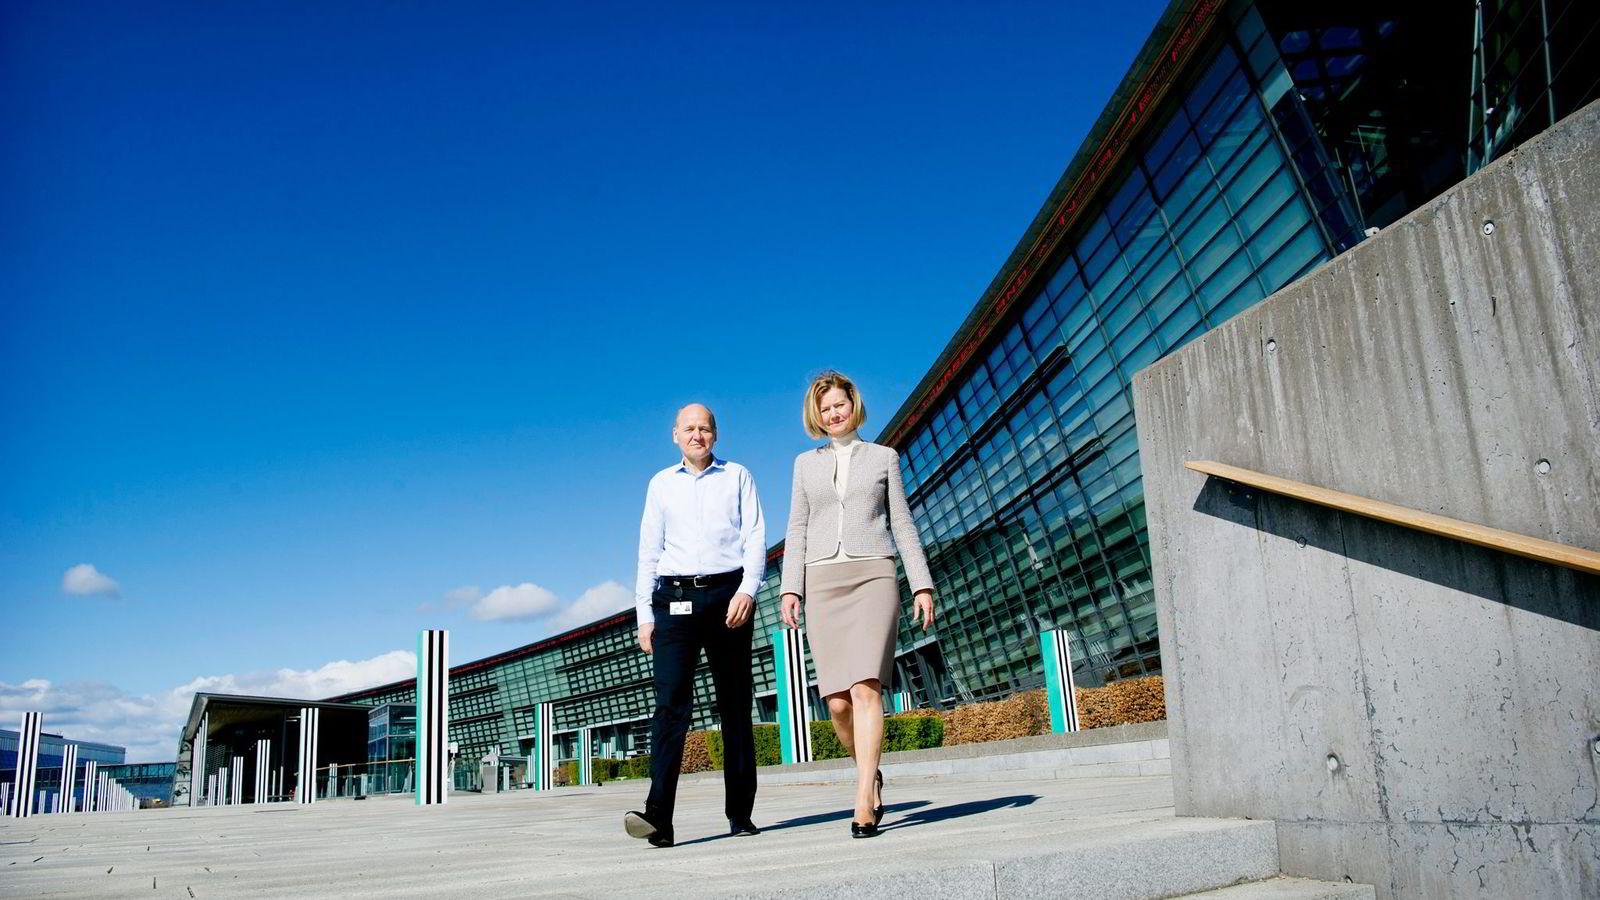 Styreleder Gunn Wærsted og konsernsjef Sigve Brekke forsøker å rydde opp i Telenor-systemet i kjølvannet av Vimpelcom-skandalen